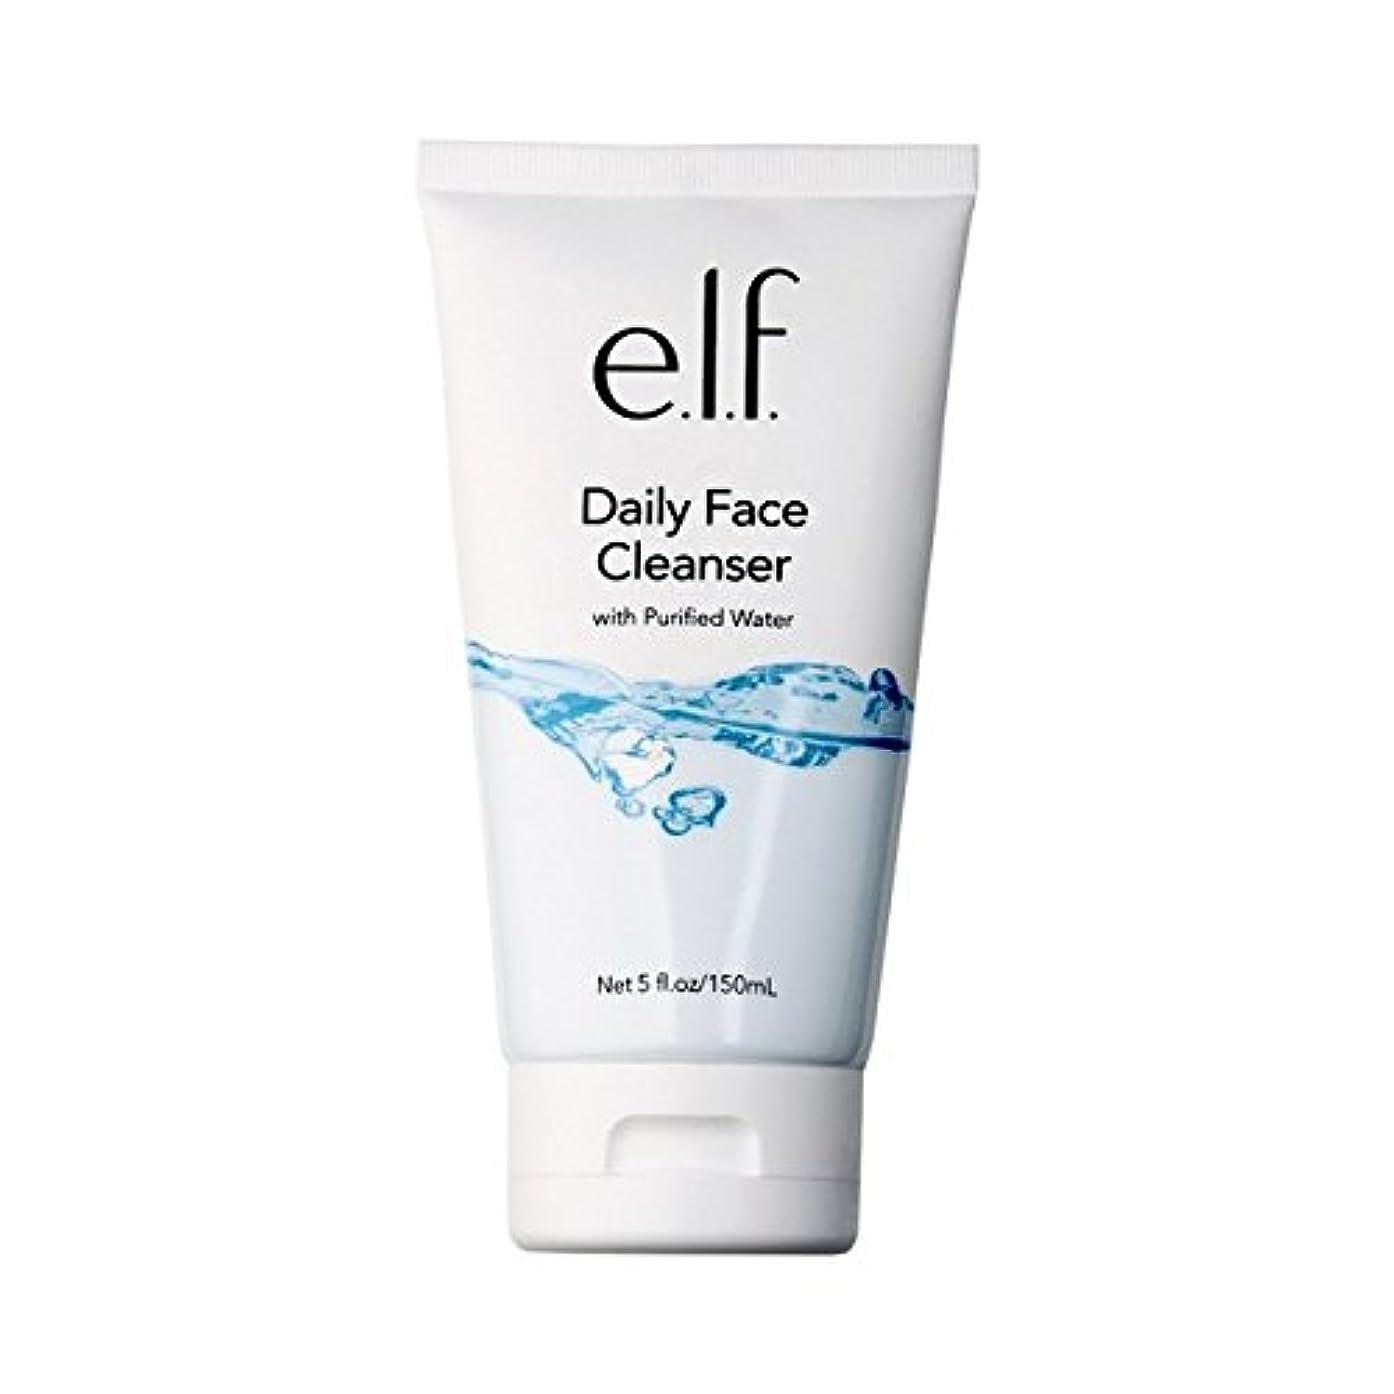 熟読する安価な熟達(3 Pack) e.l.f. Daily Face Cleanser (並行輸入品)